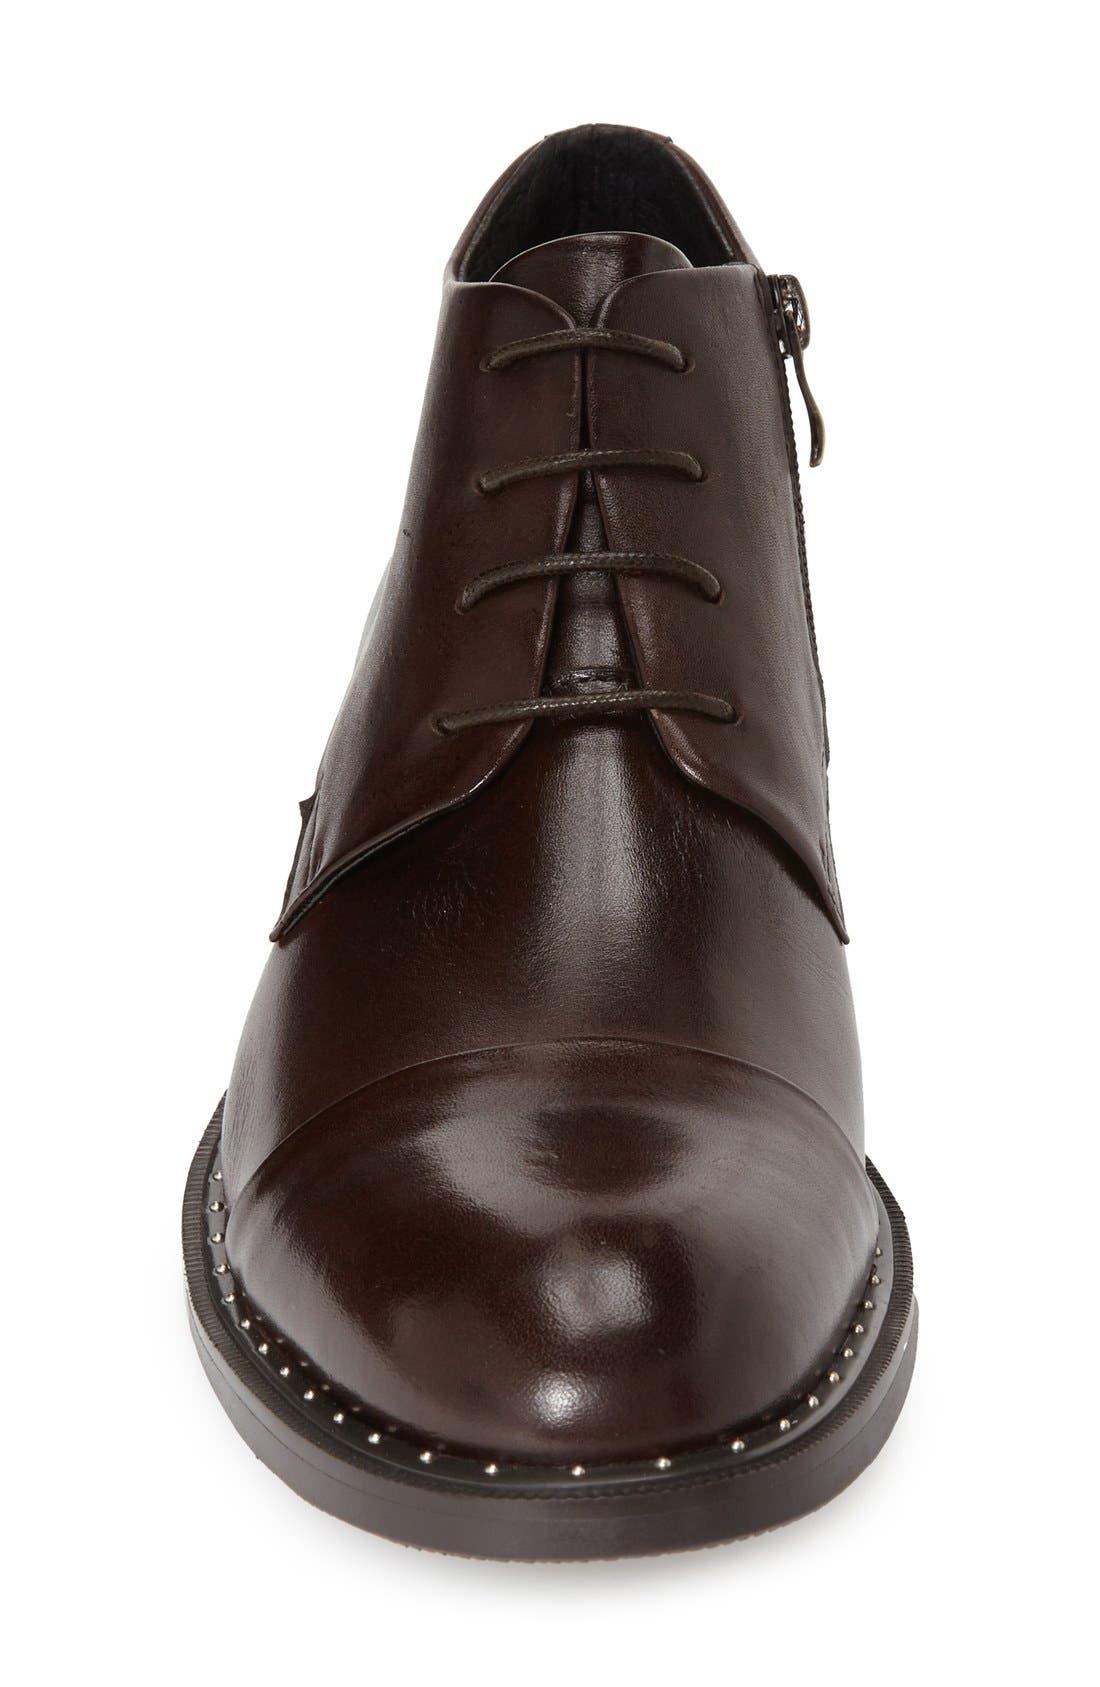 Alternate Image 3  - Zanzara 'Gela' ZipCap Toe Chukka Boot (Men)